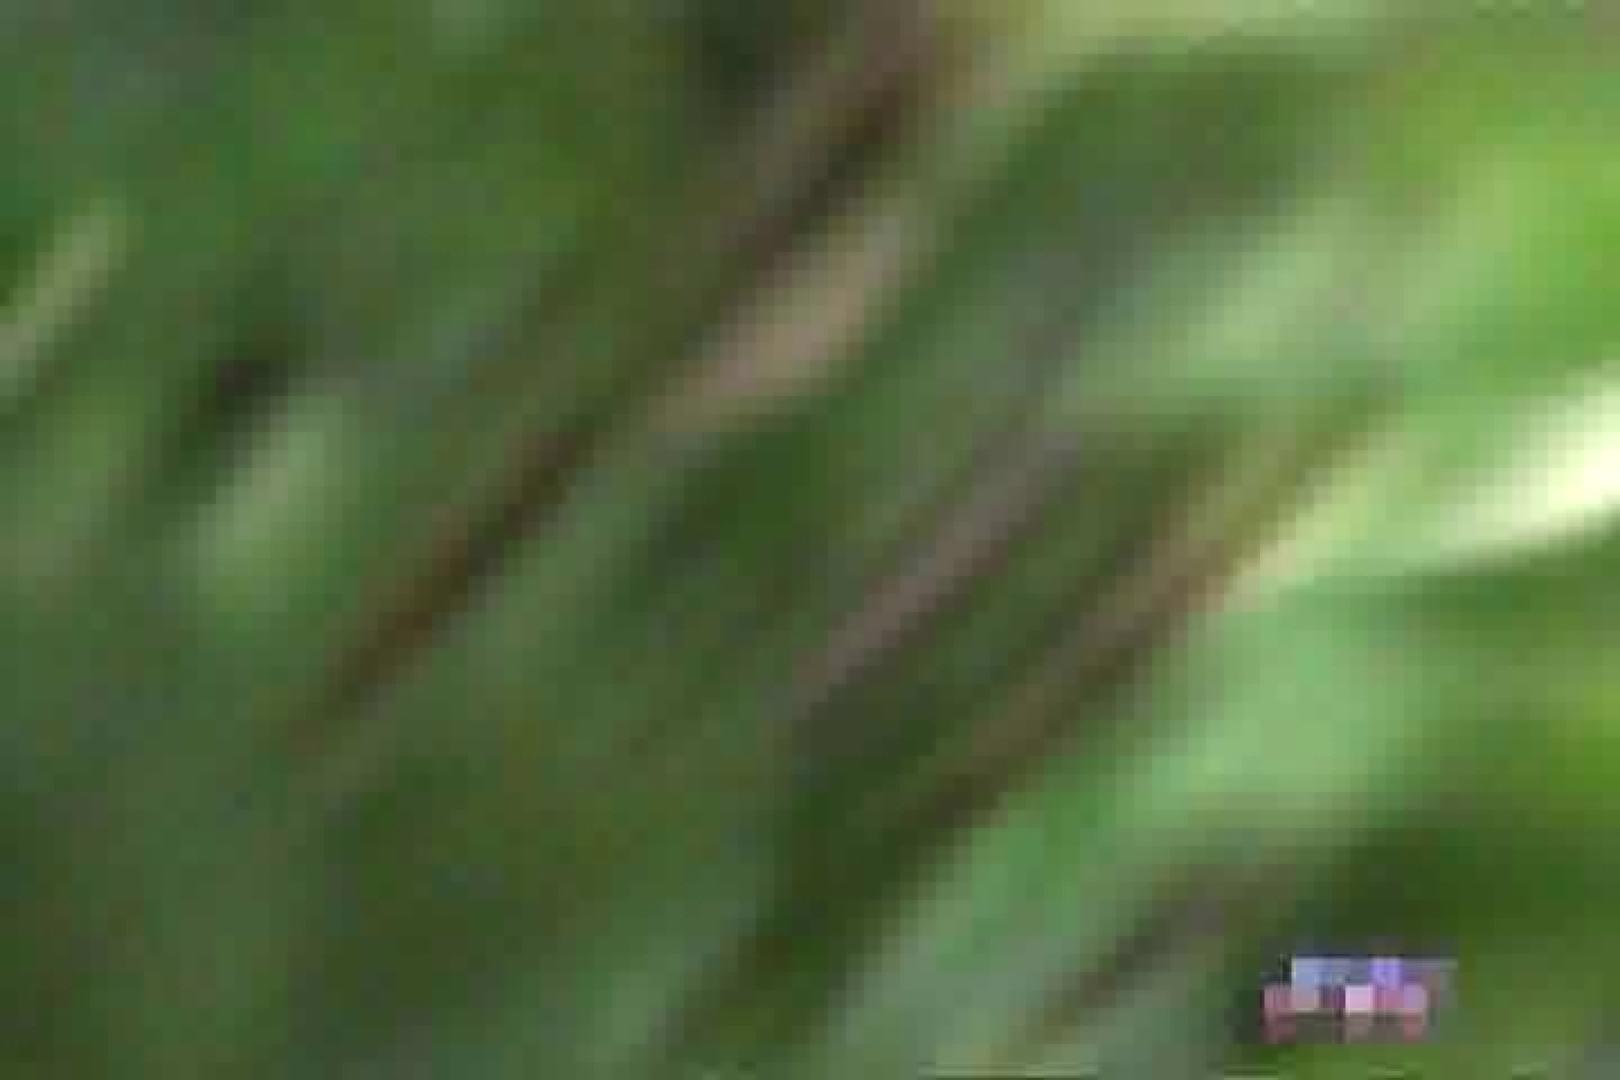 水着ギャルスッポンポンで生着替えVol.2 ギャルの実態 盗み撮りオマンコ動画キャプチャ 68pic 18